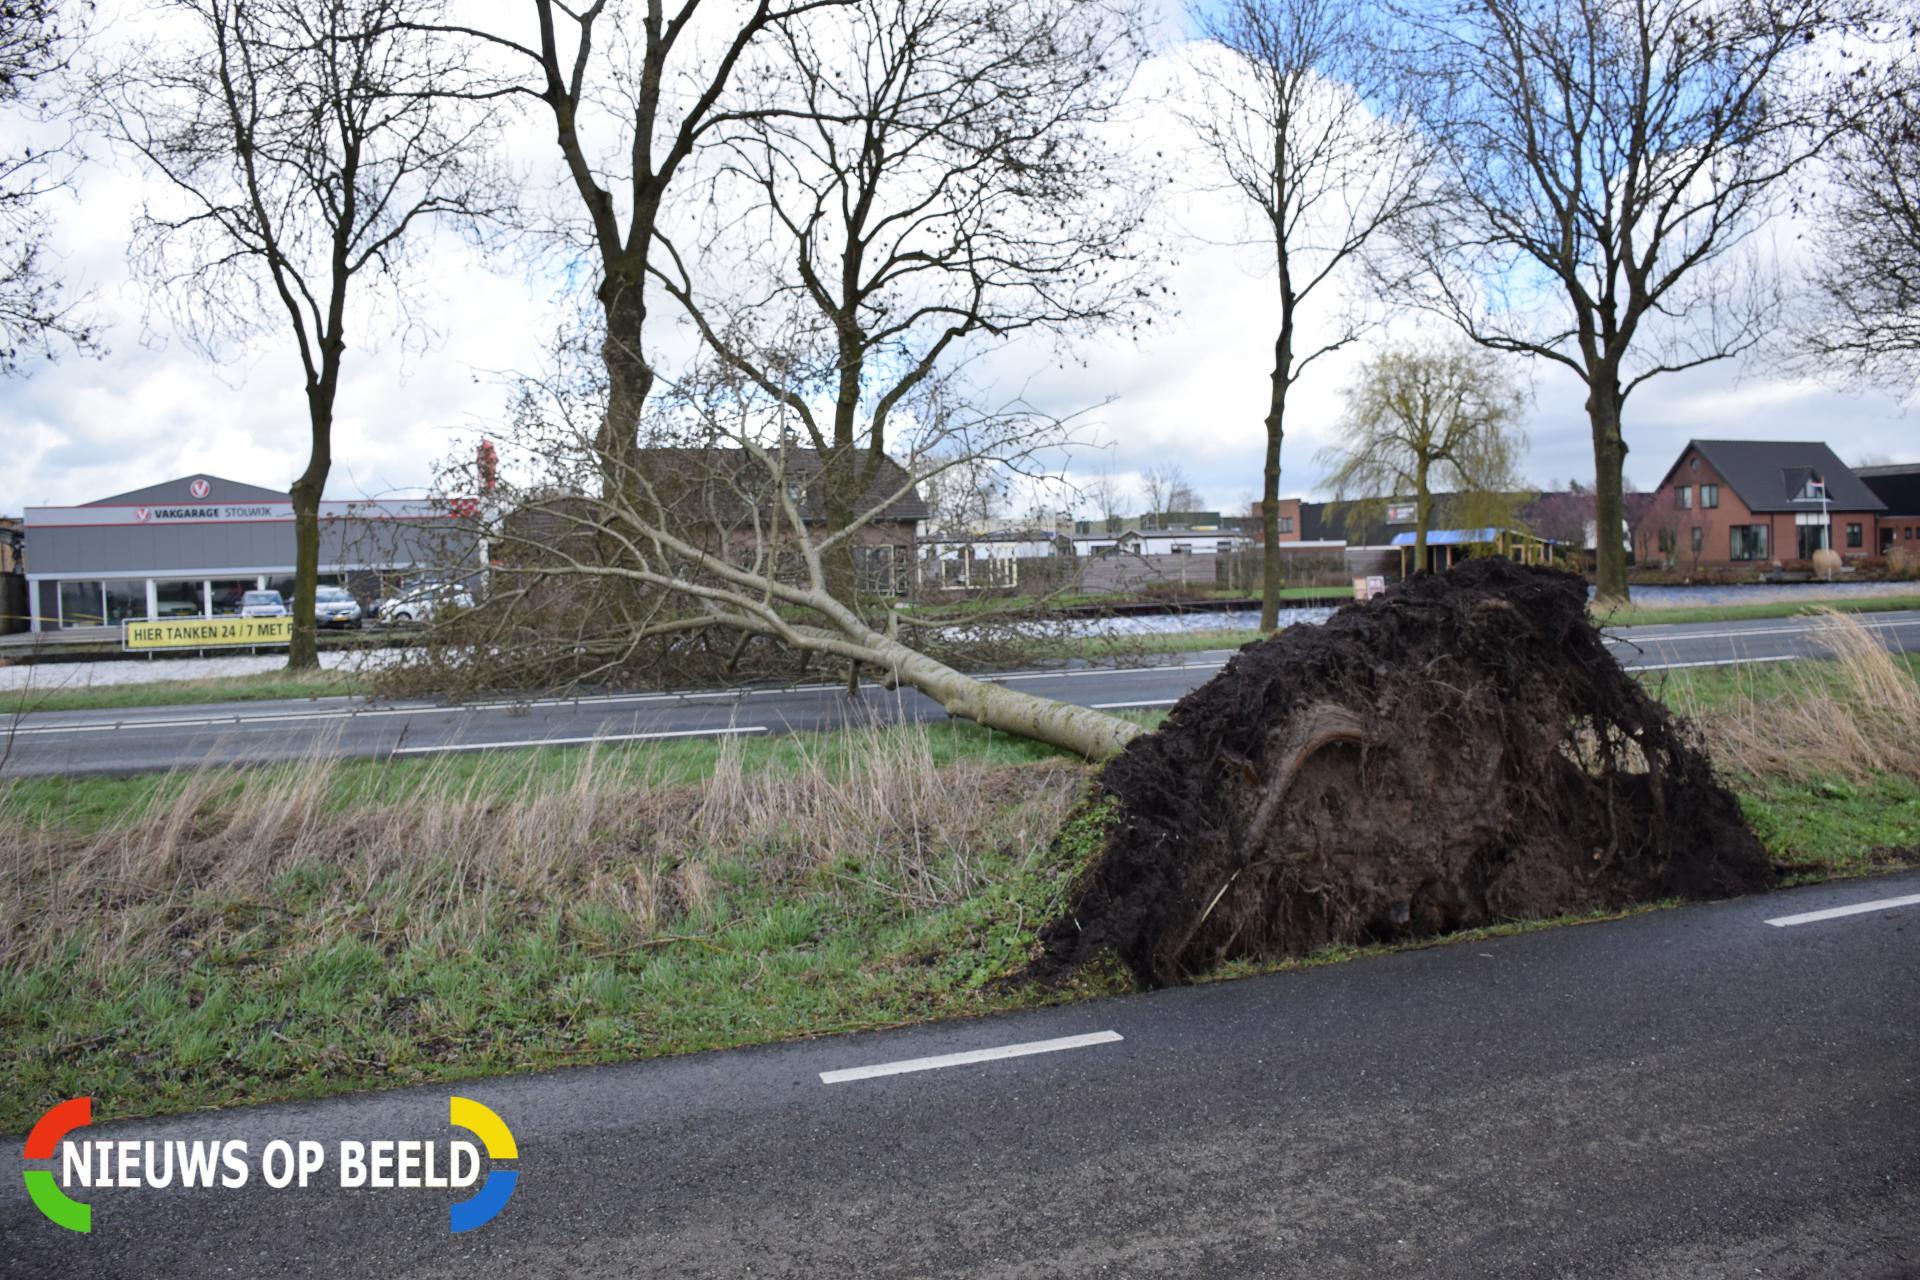 Omgevallen boom versperd weg Schoonhovenseweg – N207 Stolwijk